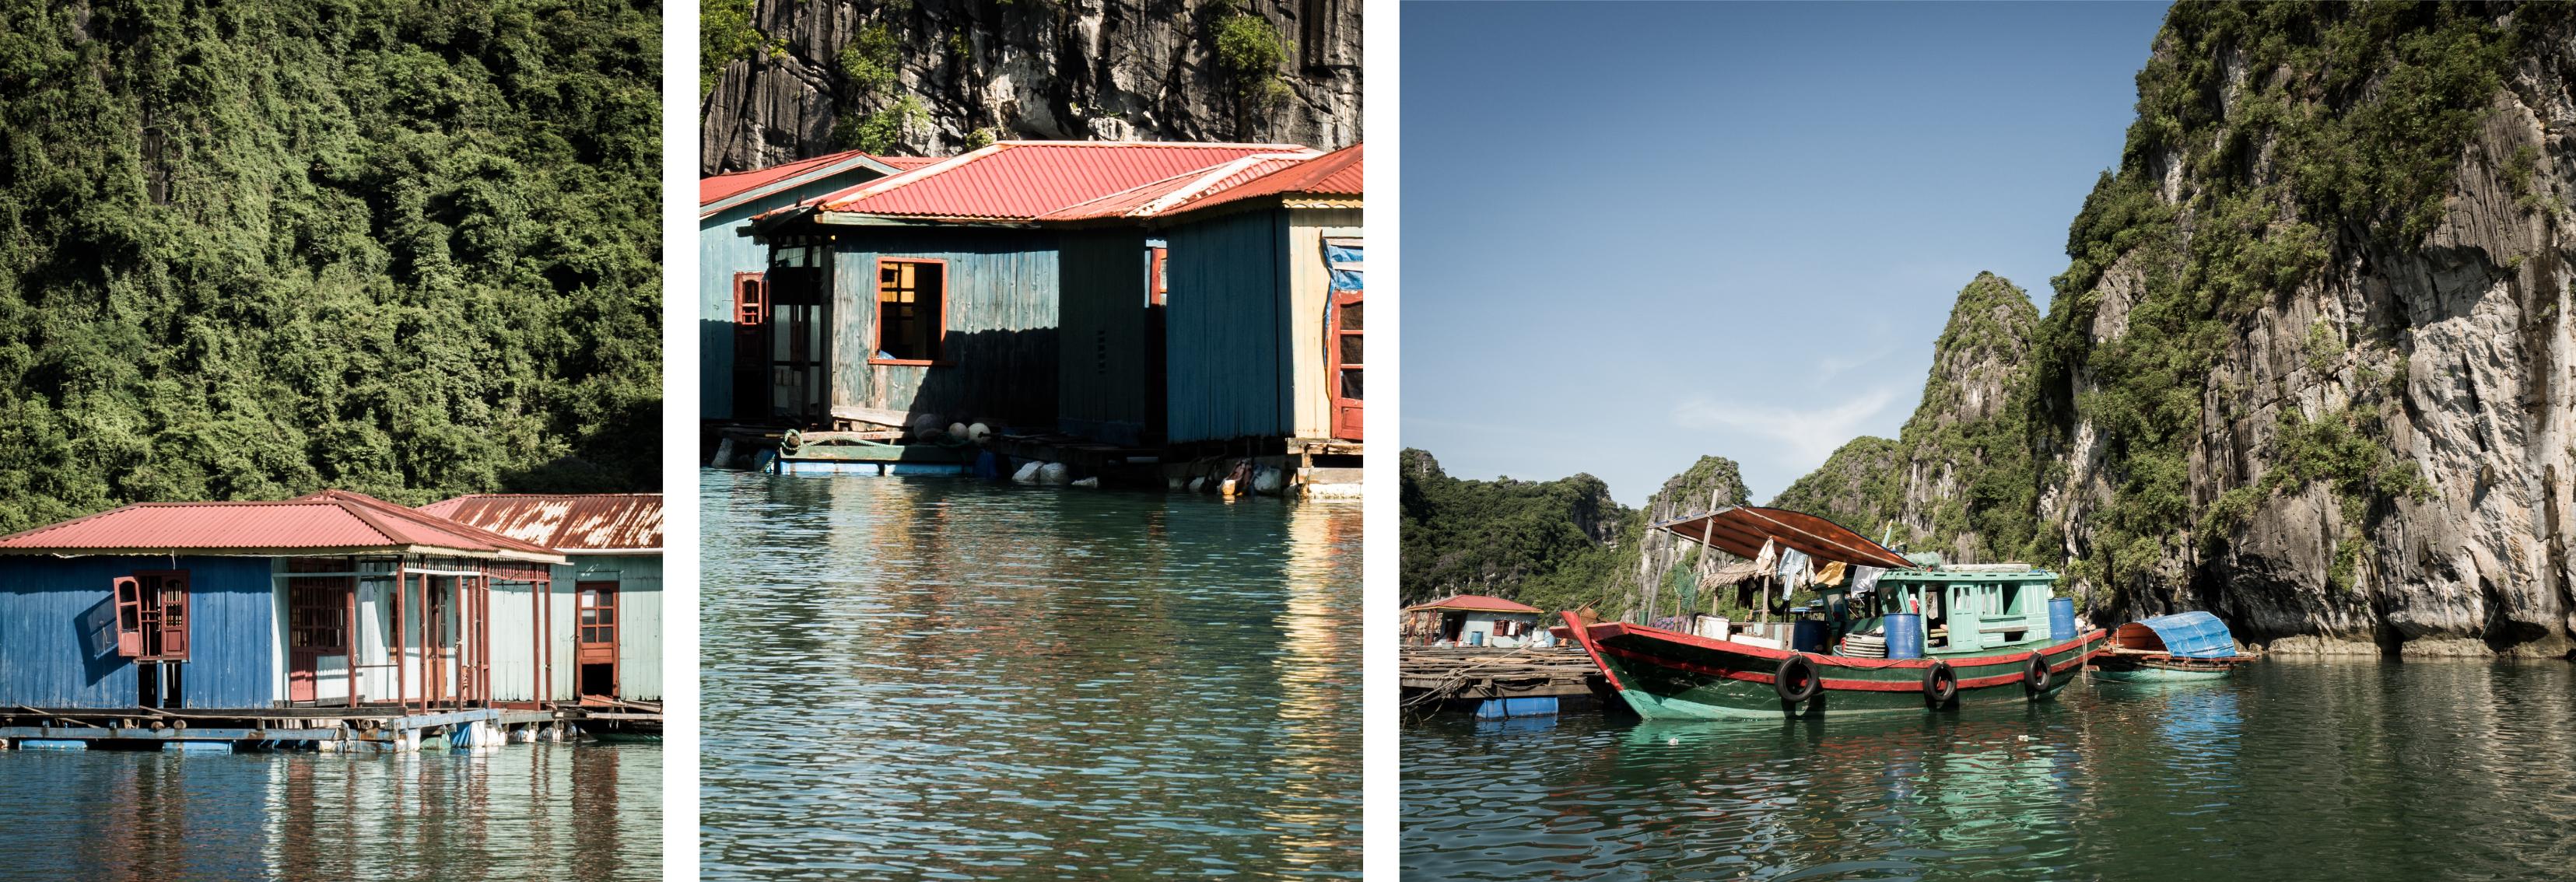 vietnam - village flottant - baie d'halong